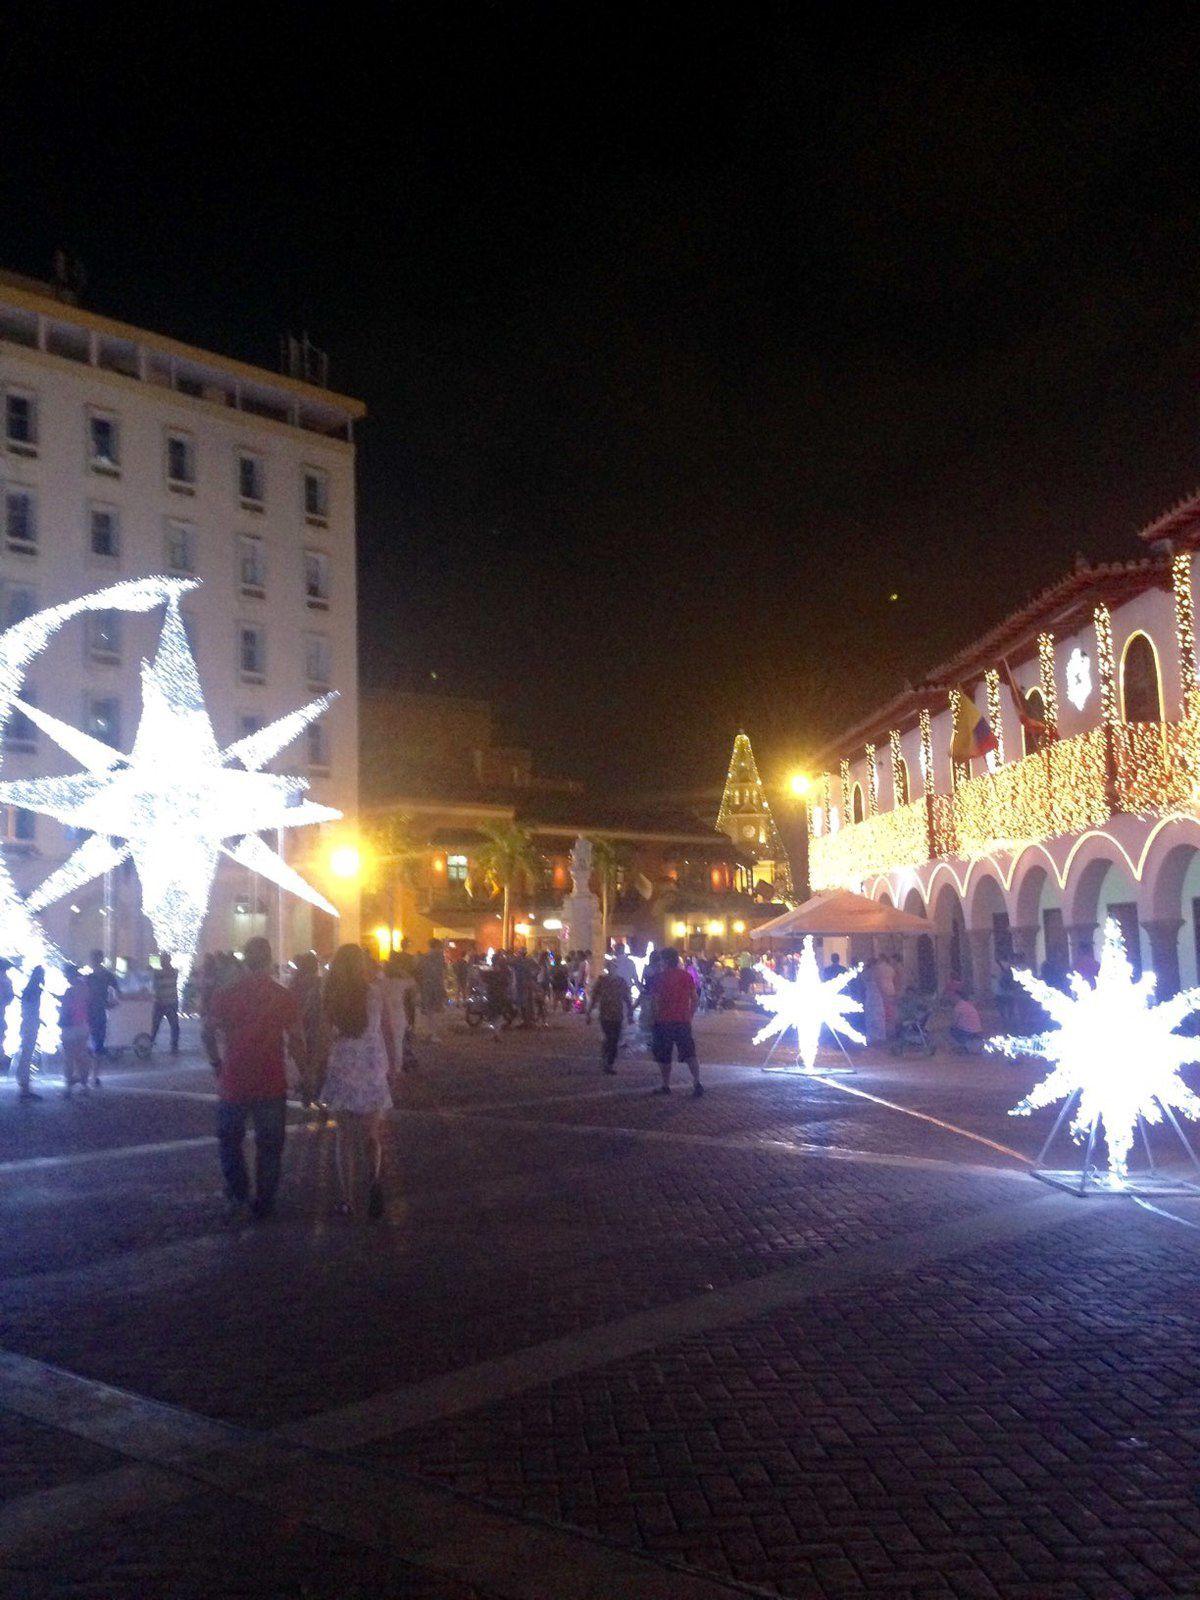 Les décorations de Noël, illuminent la vieille ville.ov